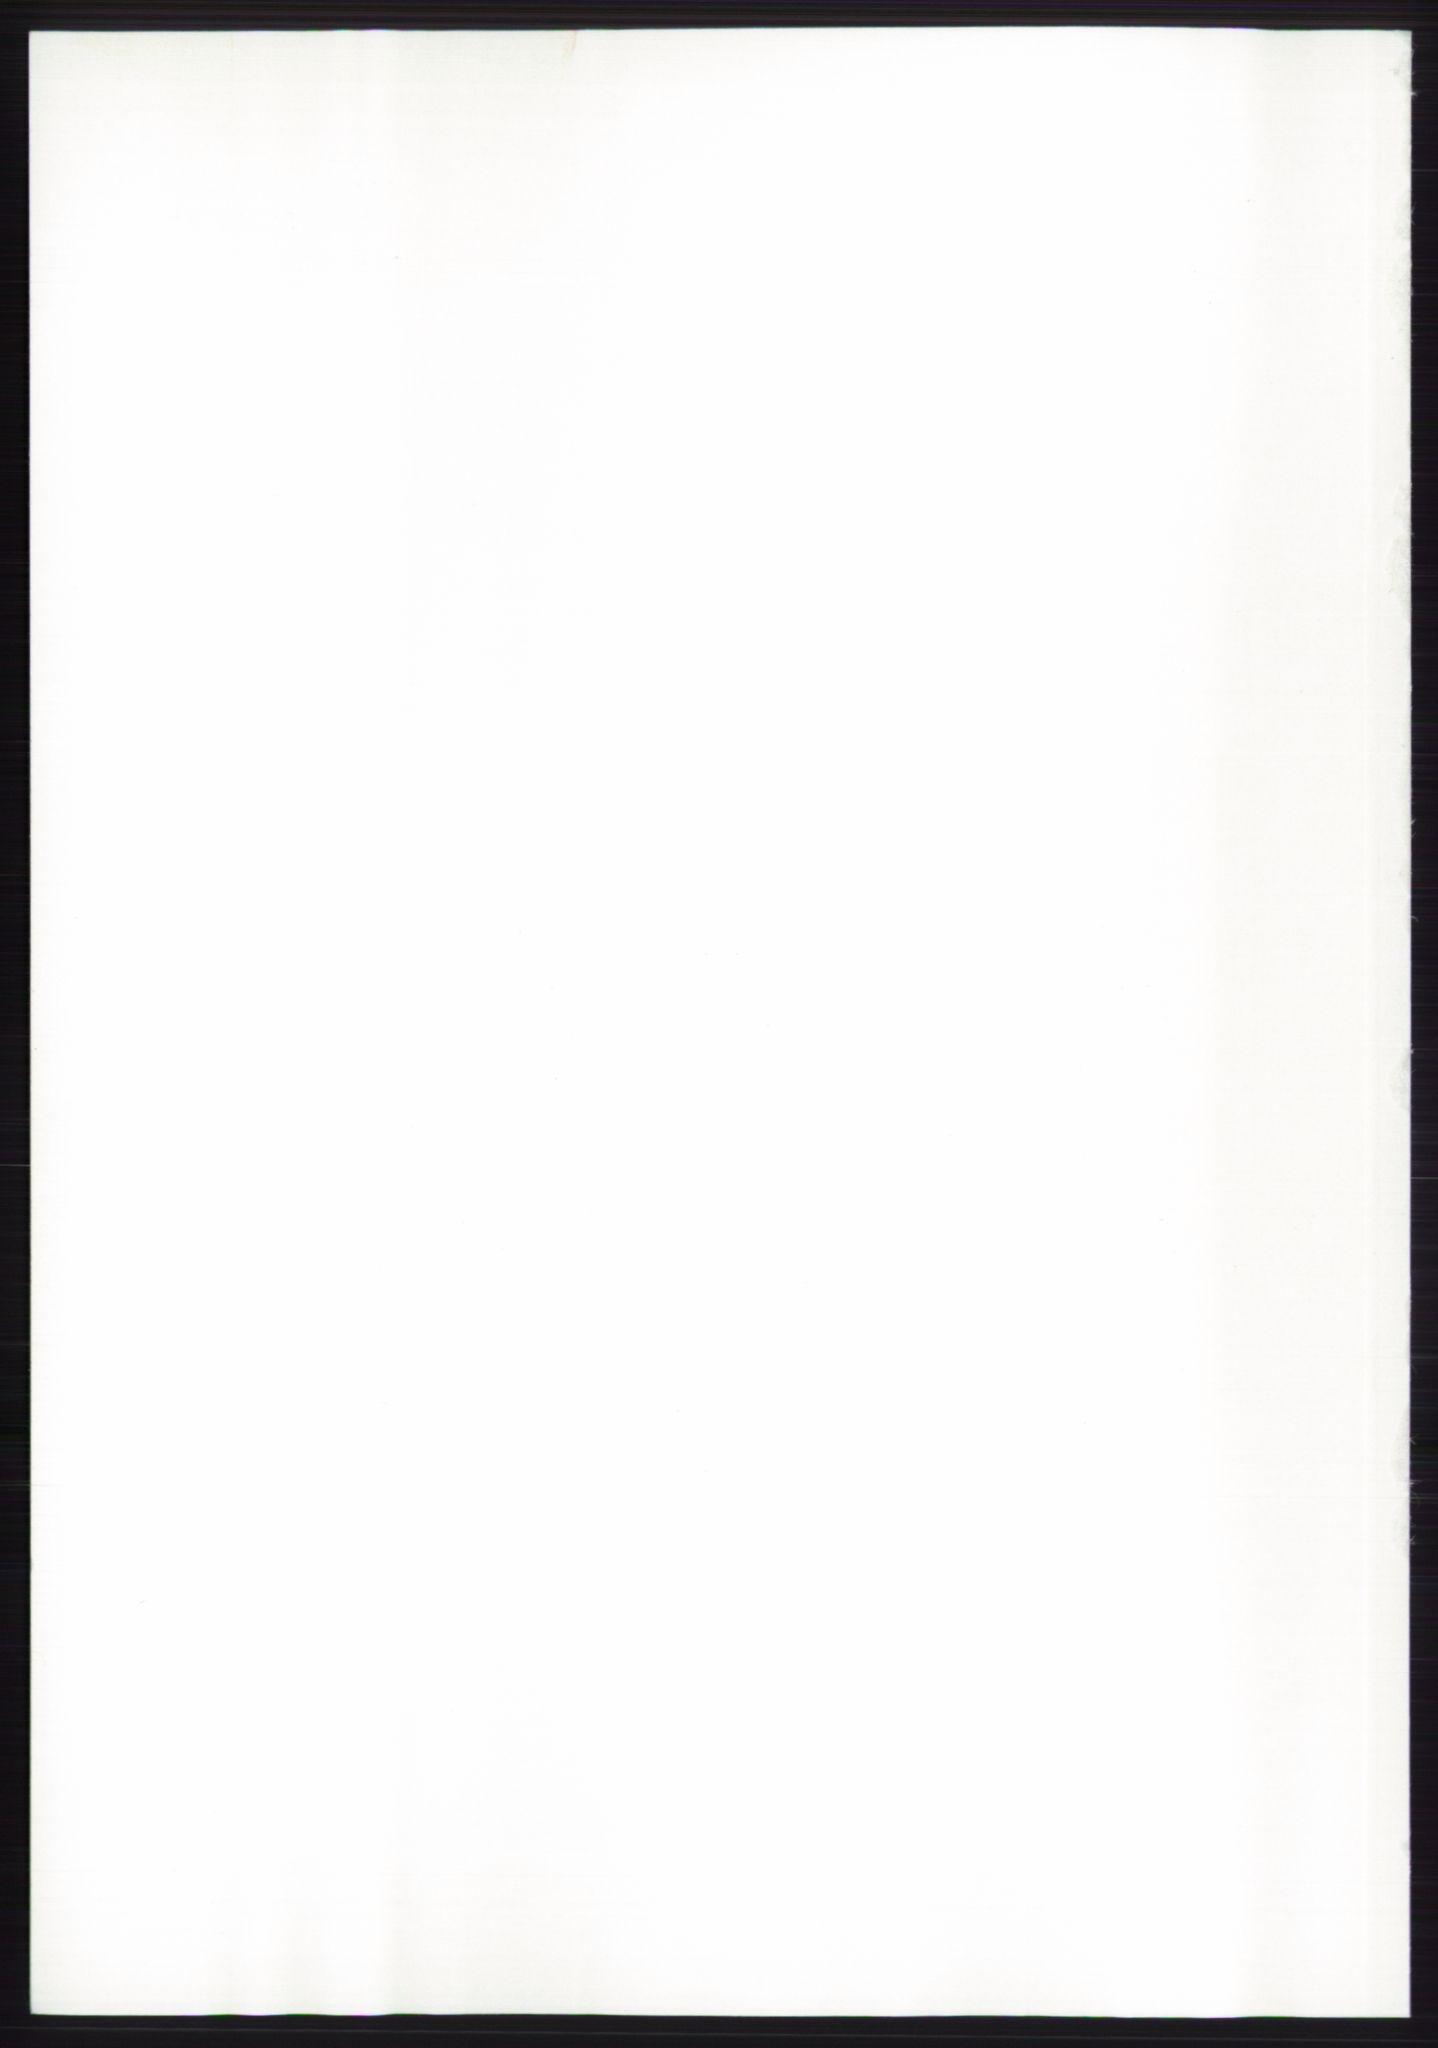 AAB, Landsorganisasjonen i Norge - publikasjoner, -/-: Landsorganisasjonens beretning for 2005, 2005